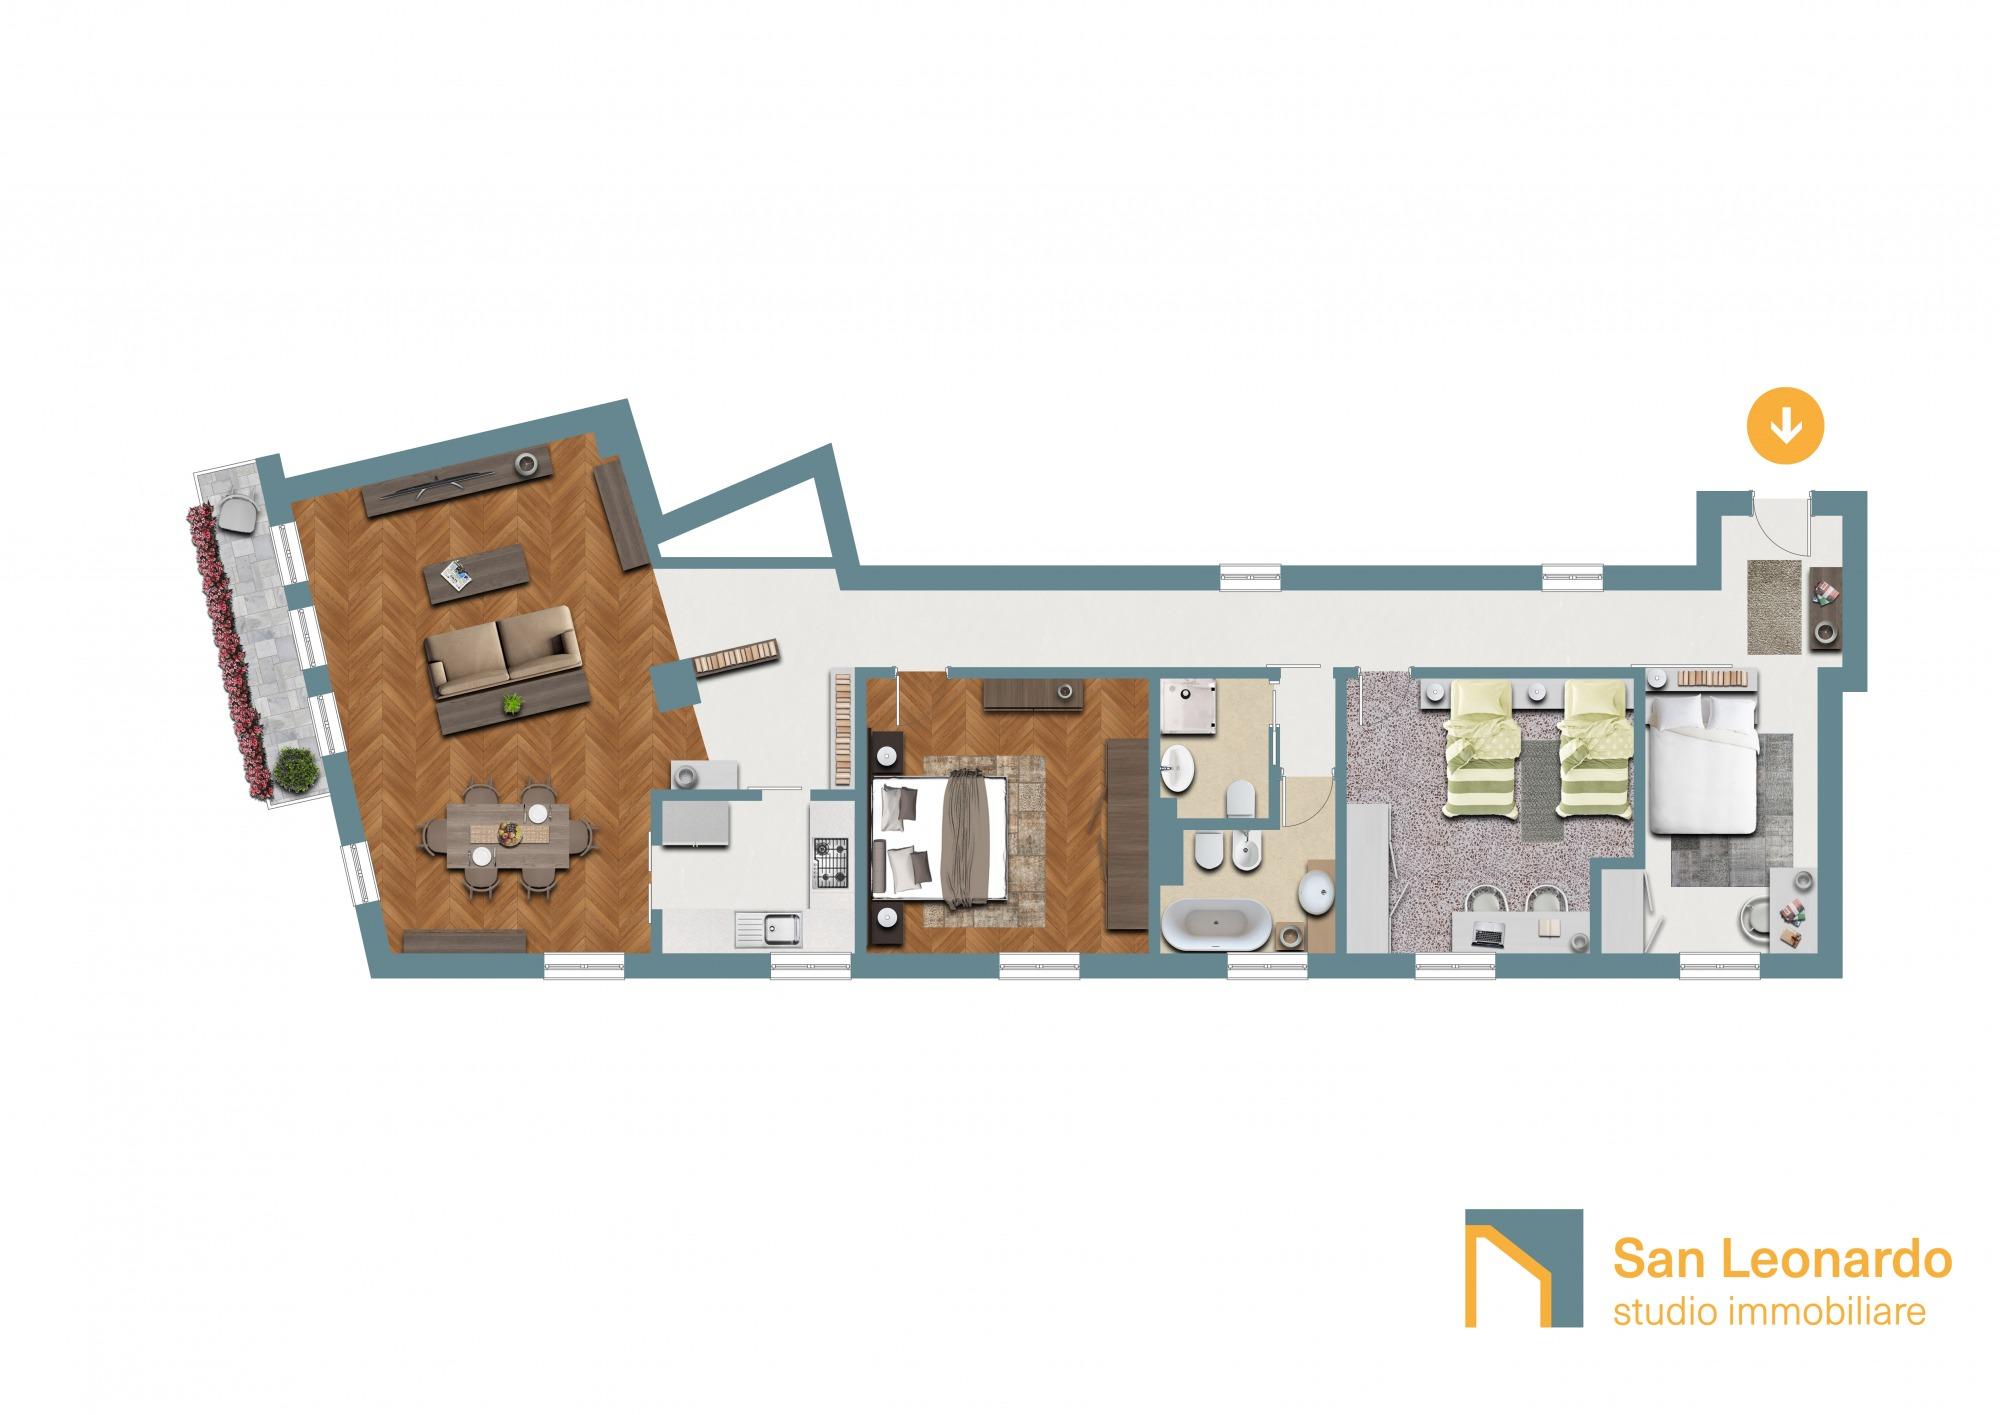 plani d studio san leonardo piazza duomo jpg